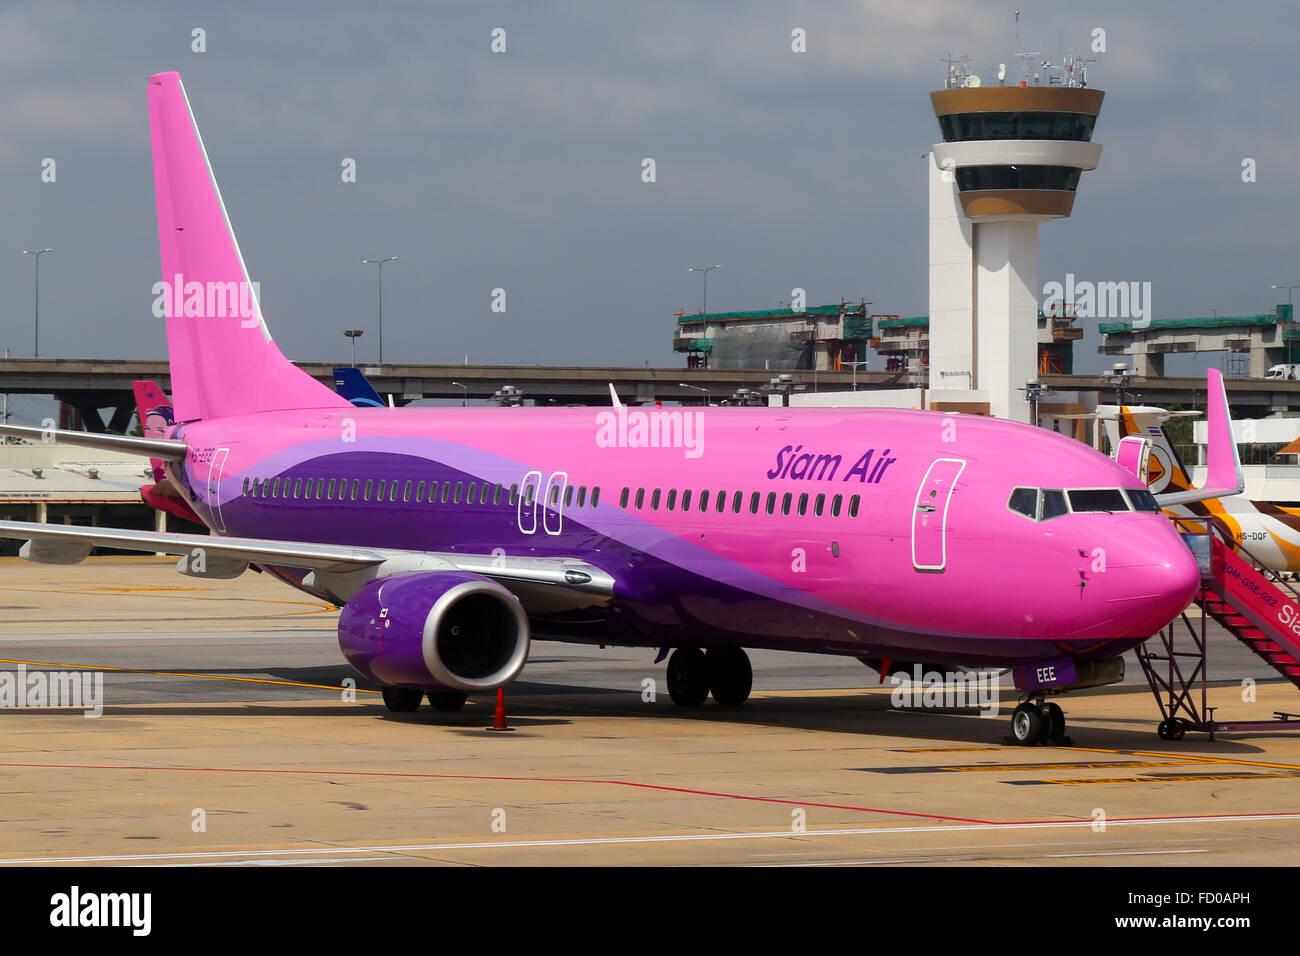 Siam Air Boeing 737-800 parked at Bangkok Bangkok Don Muang airport. - Stock Image